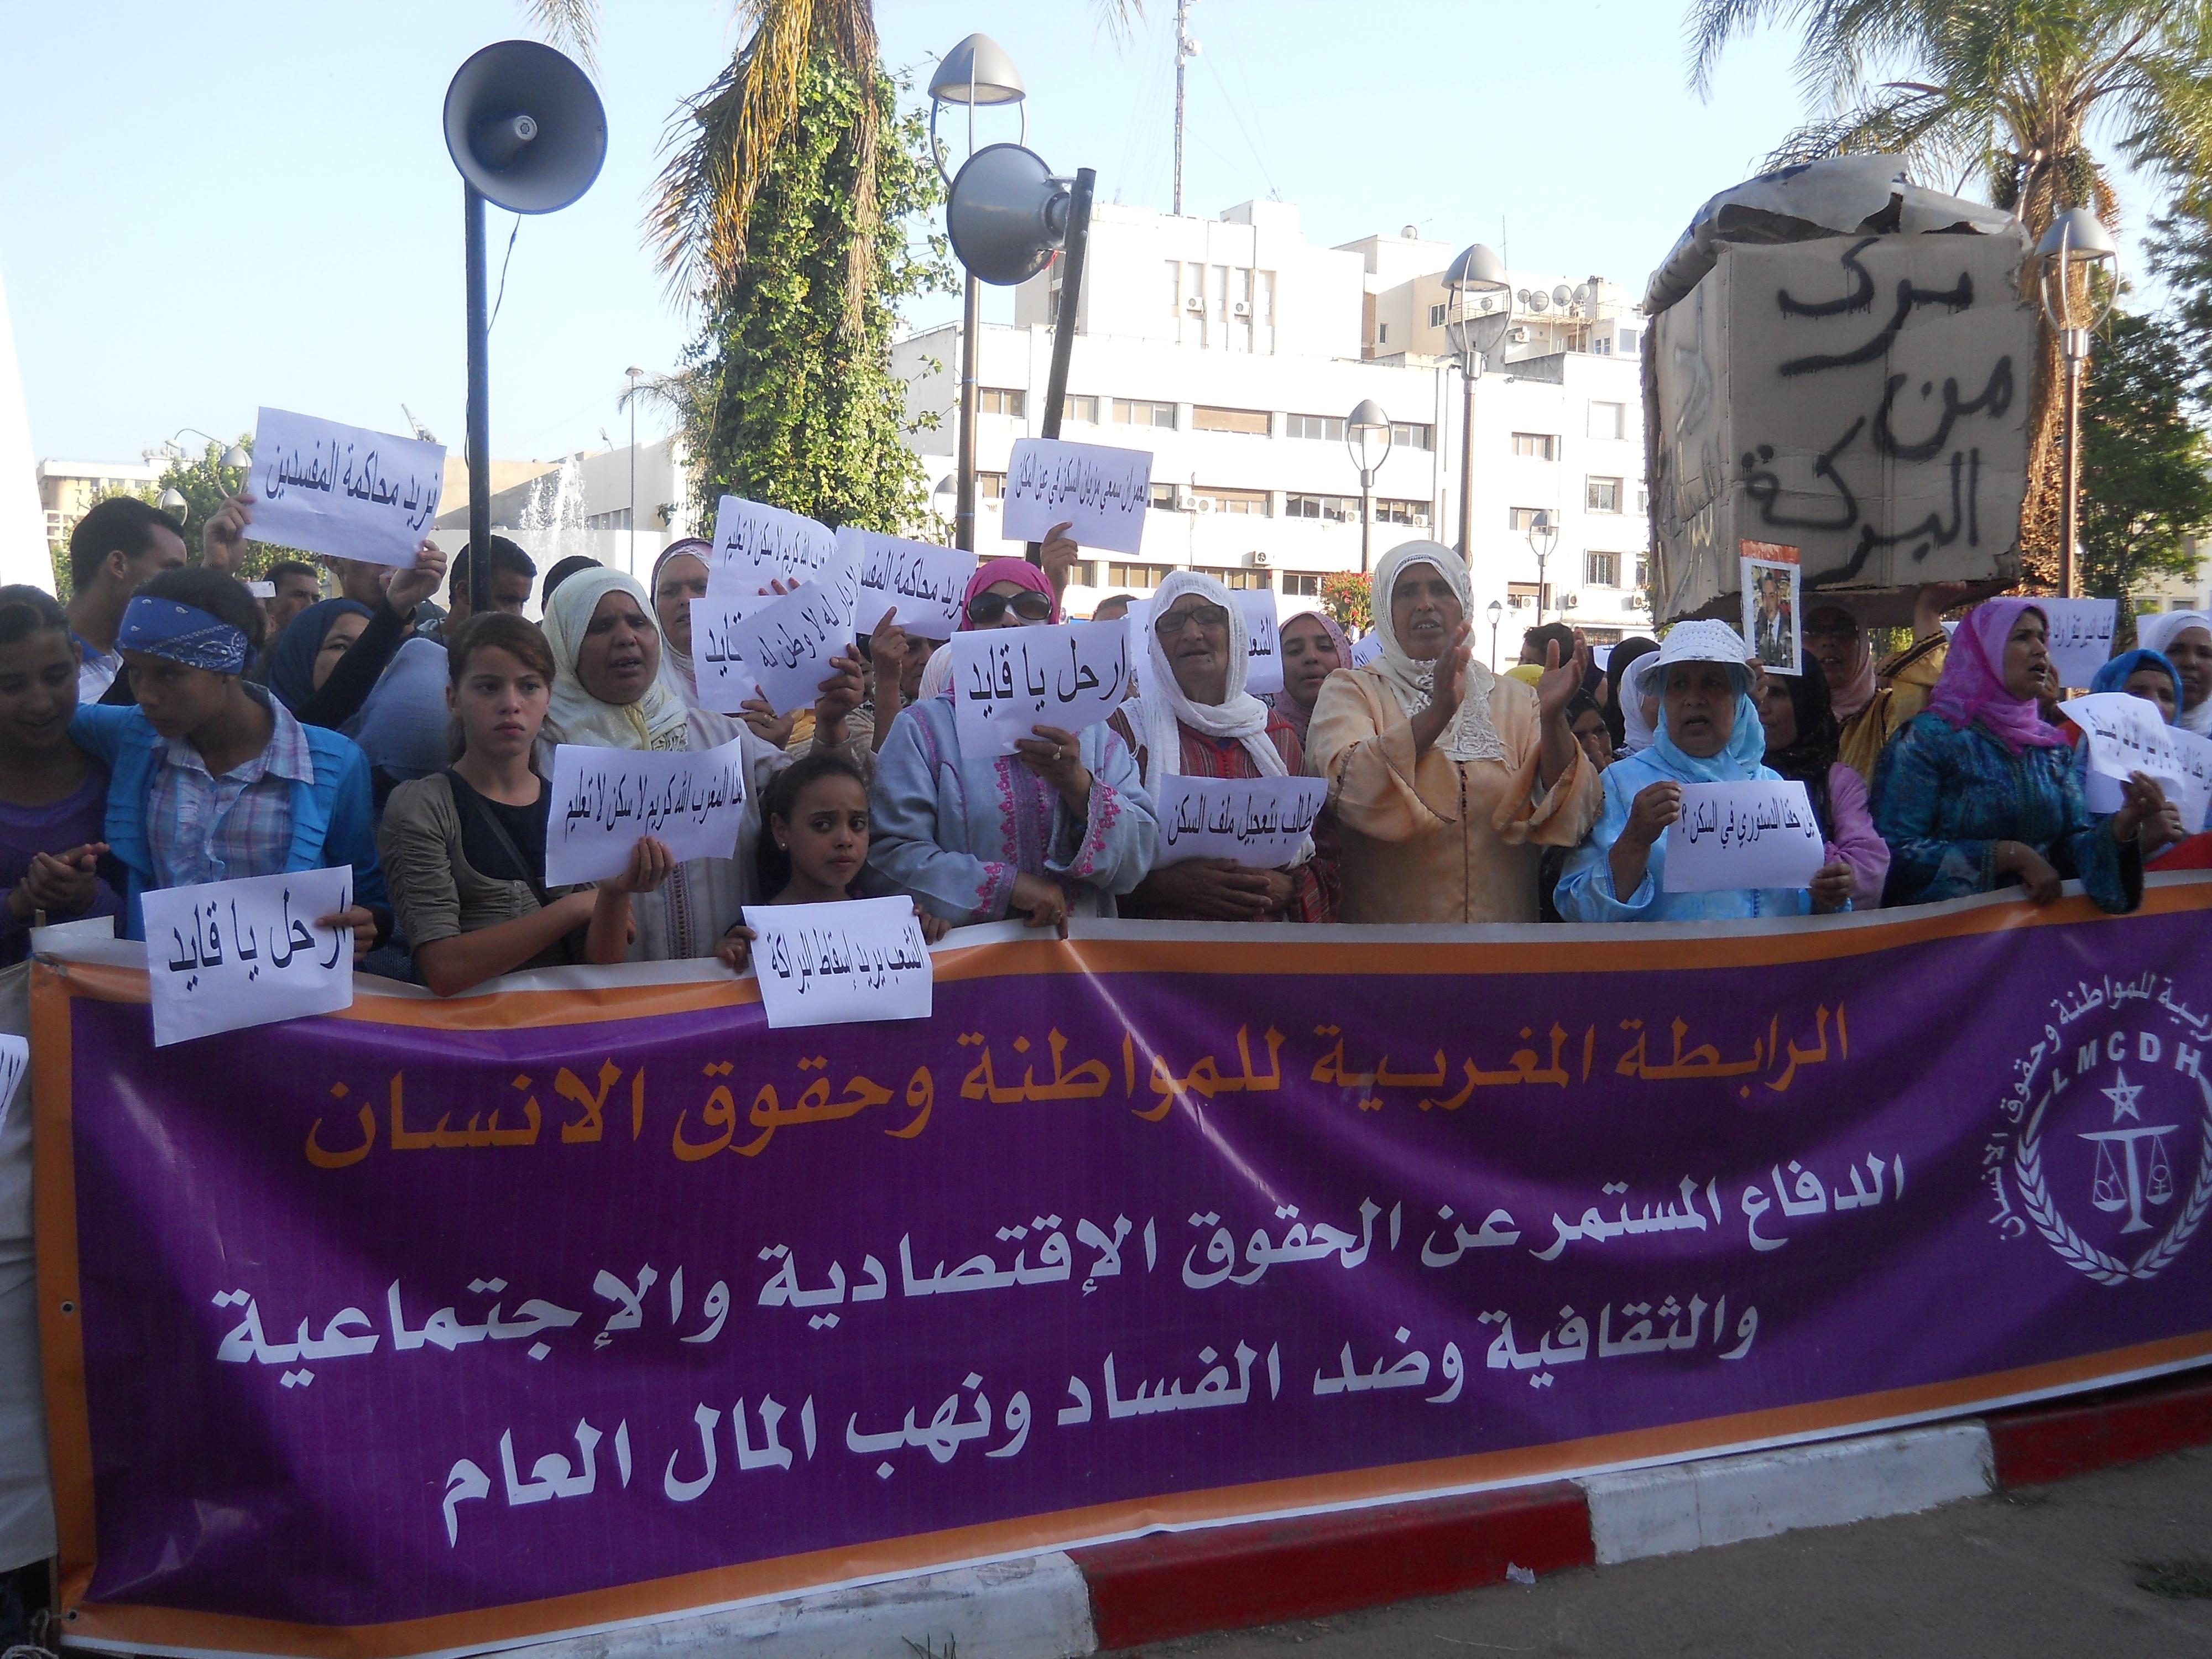 صور وقفة اولاد مبارك البلدية